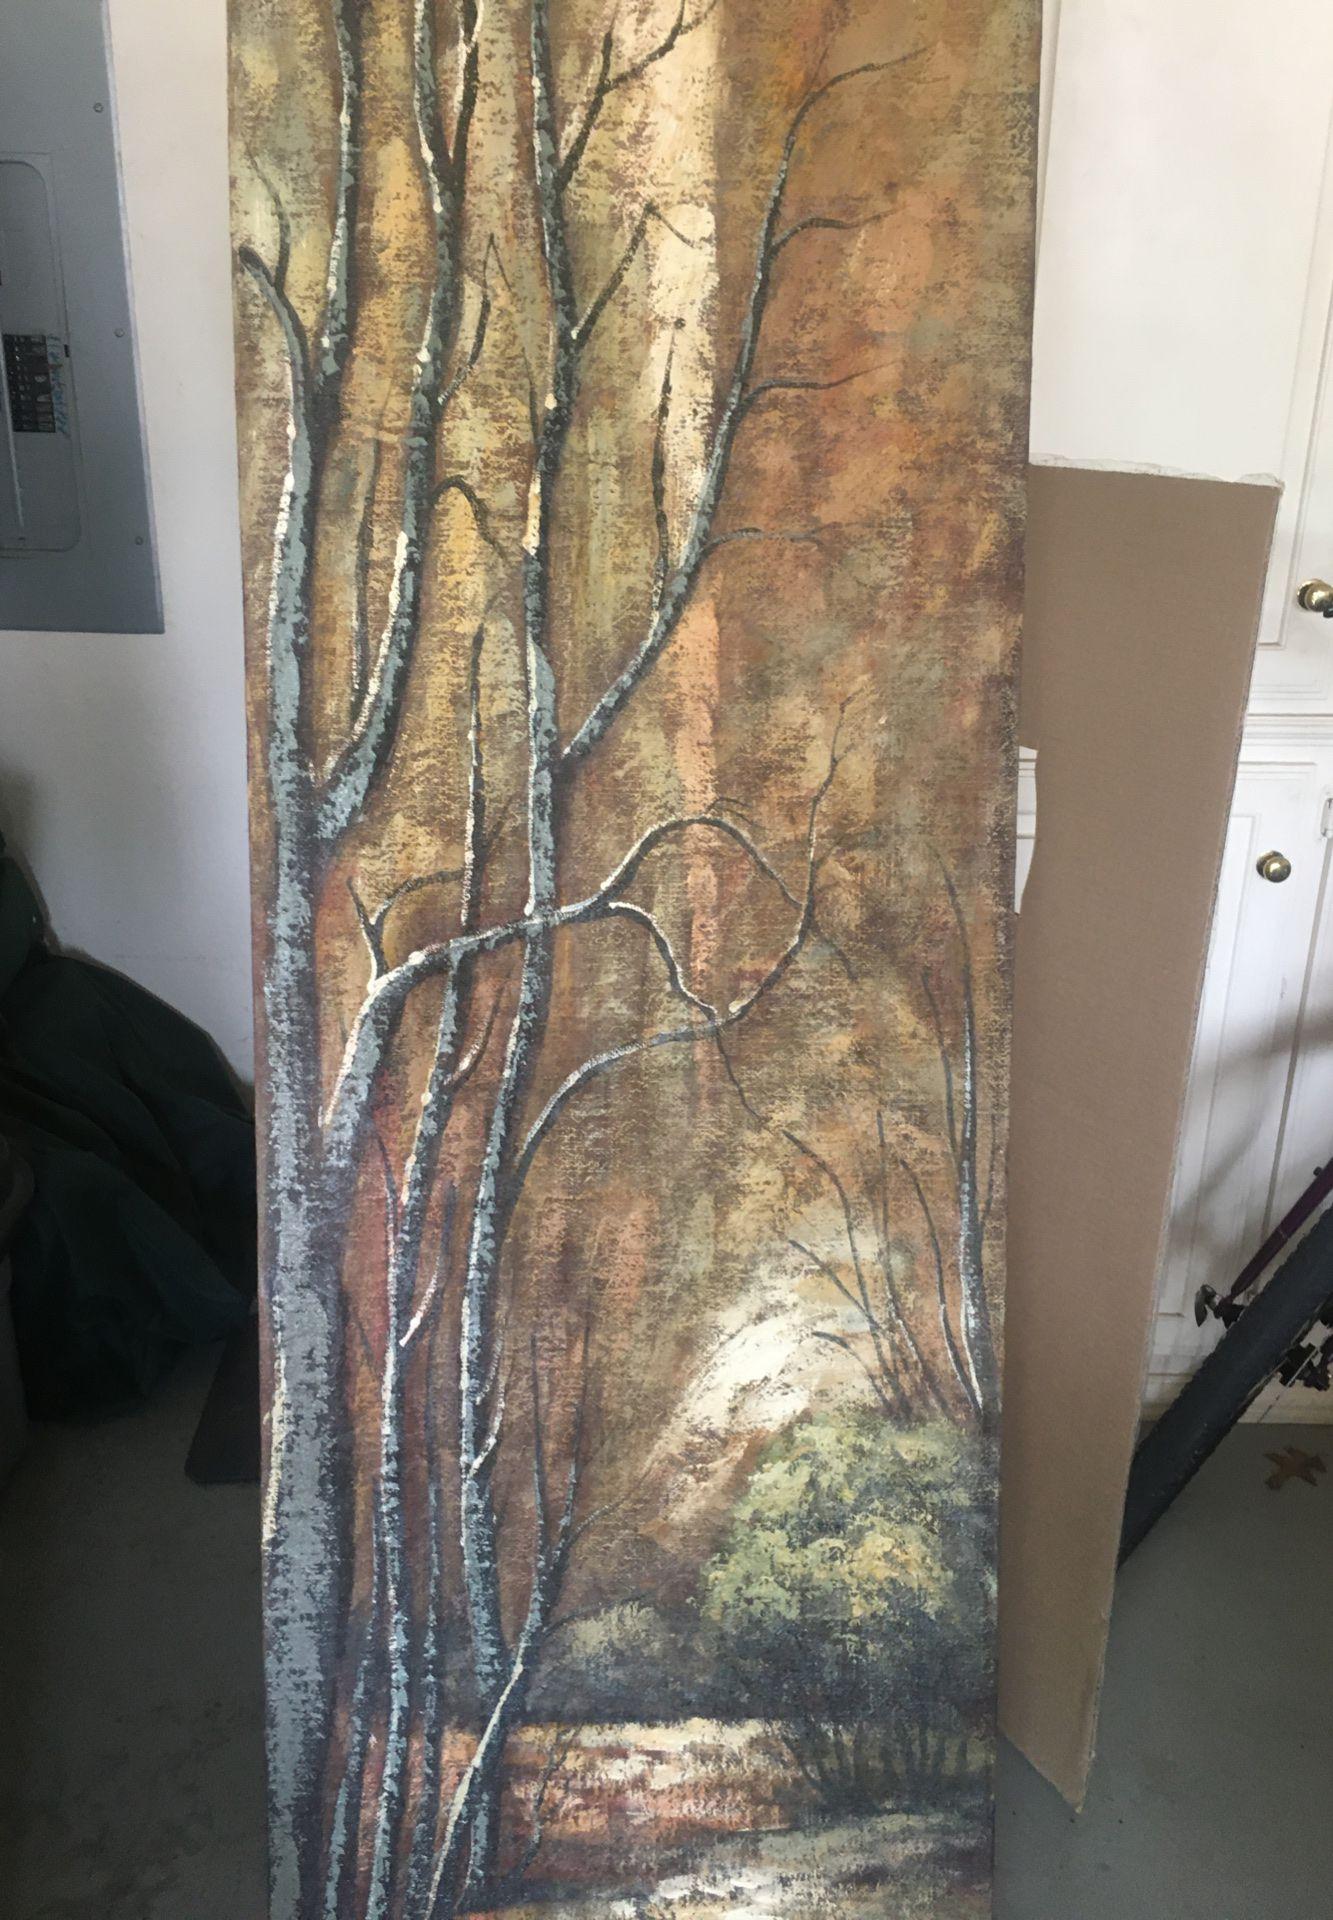 Panorama painting